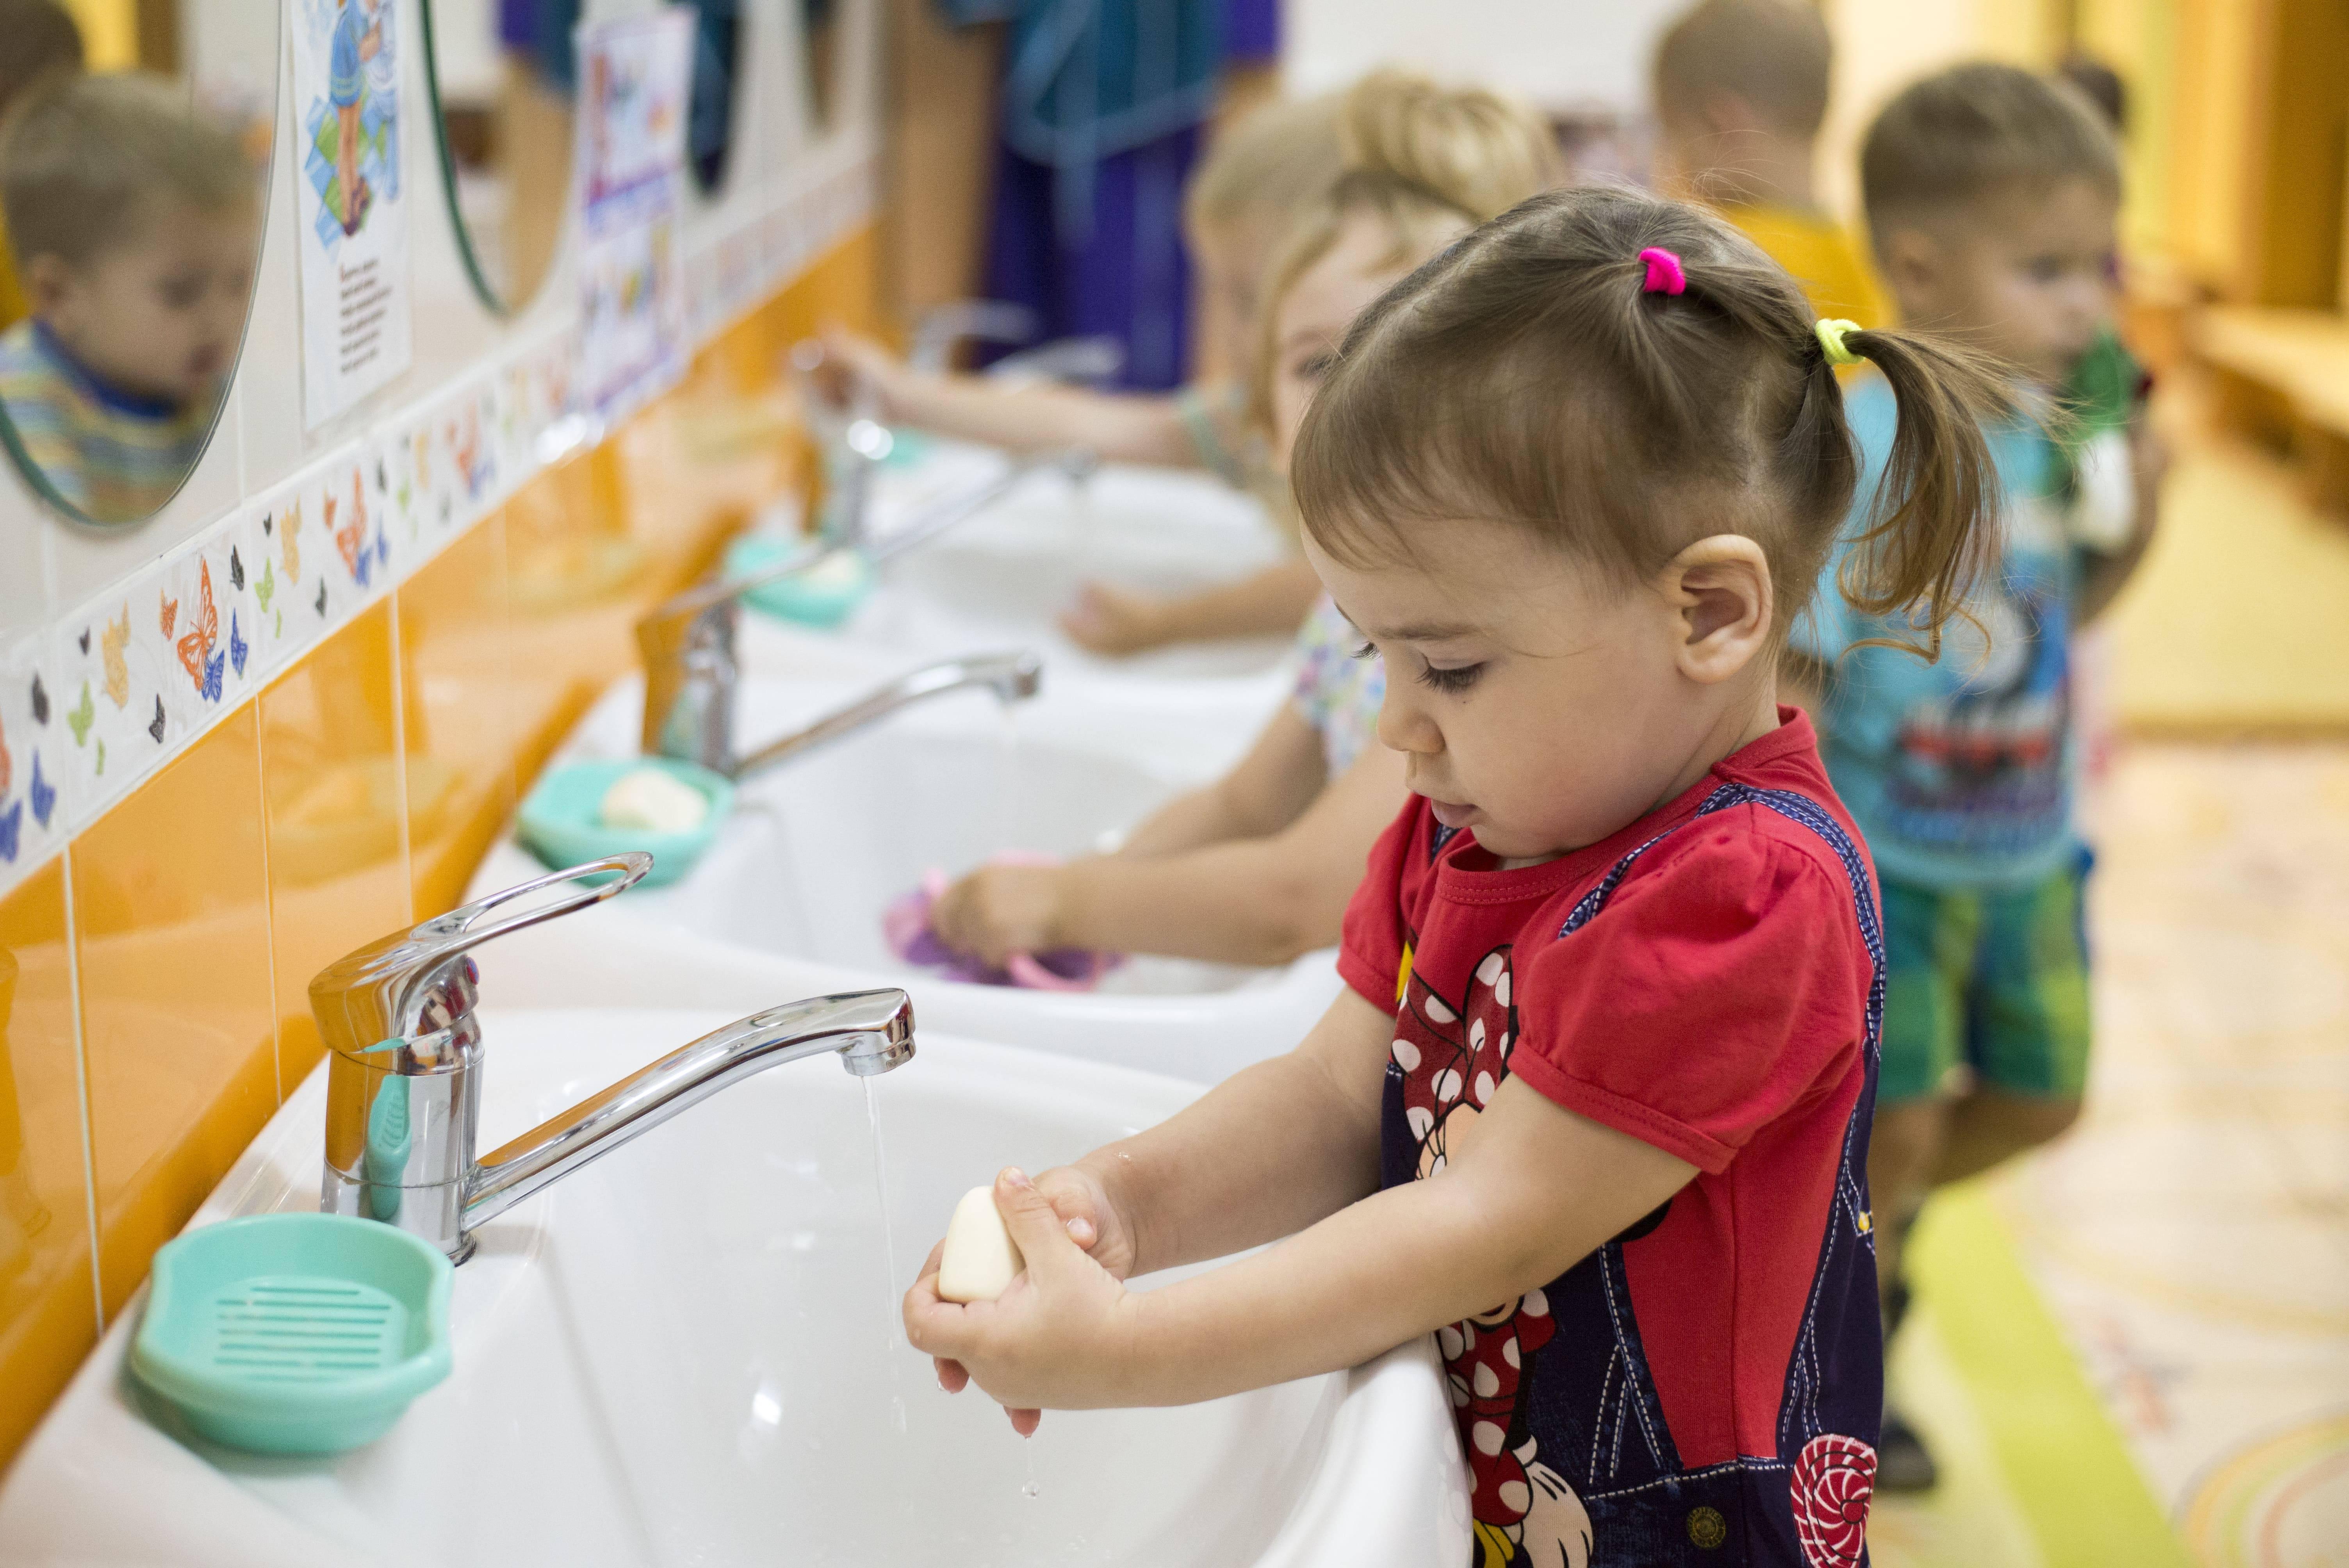 10 ошибок, которые мешают ребенку стать самостоятельным.  развитие самостоятельности у ребенка